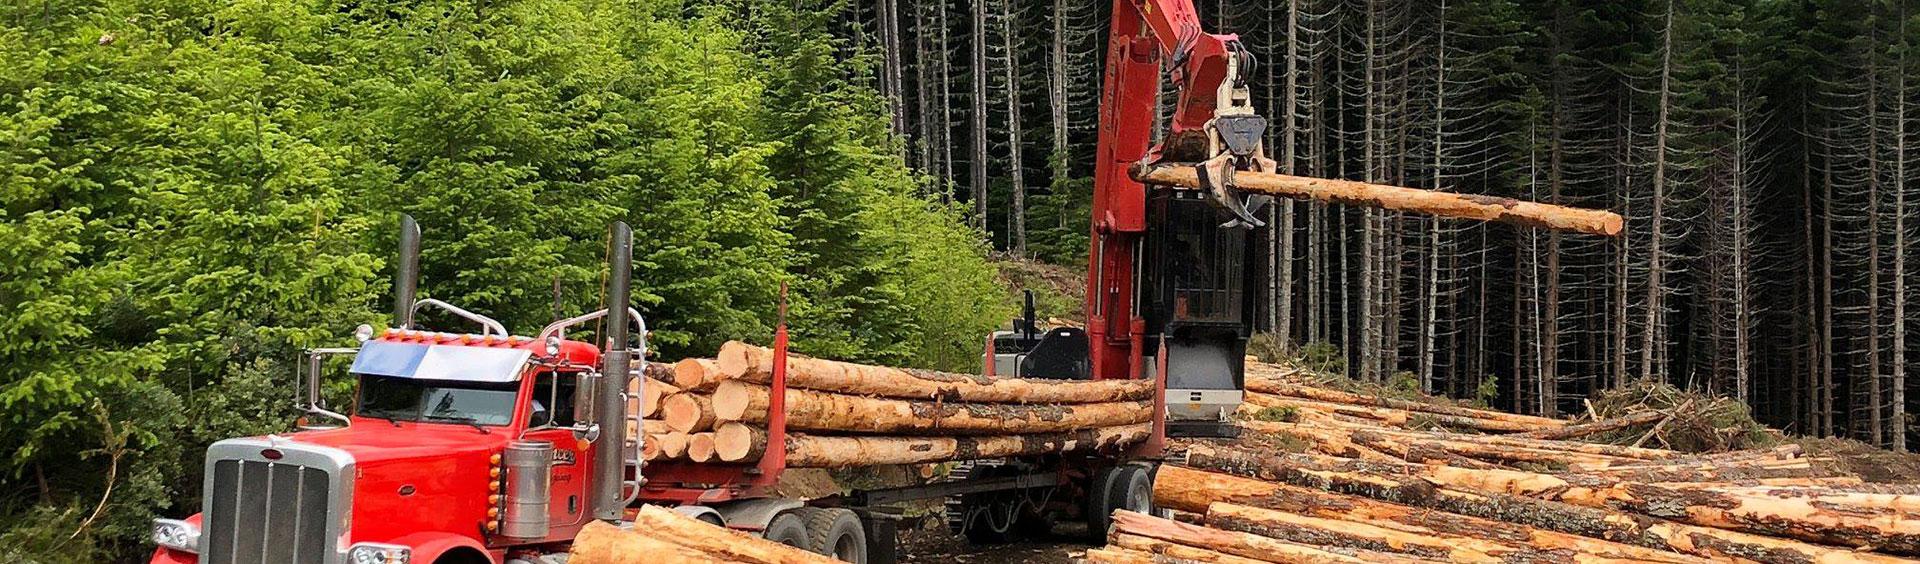 Seneca lumber mill